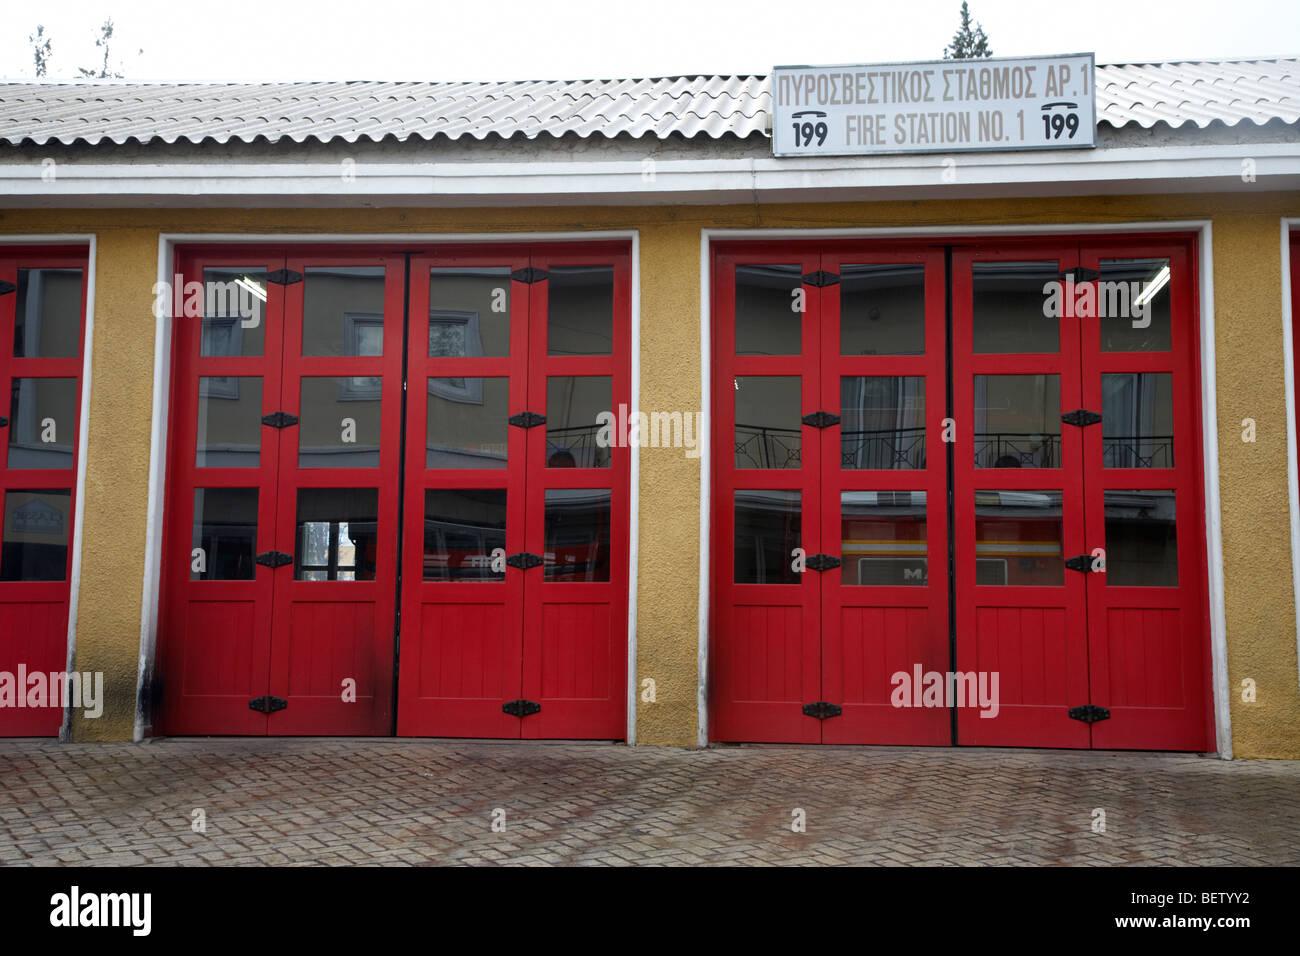 La estación de bomberos número 1 en Nicosia lefkosia República de Chipre Imagen De Stock